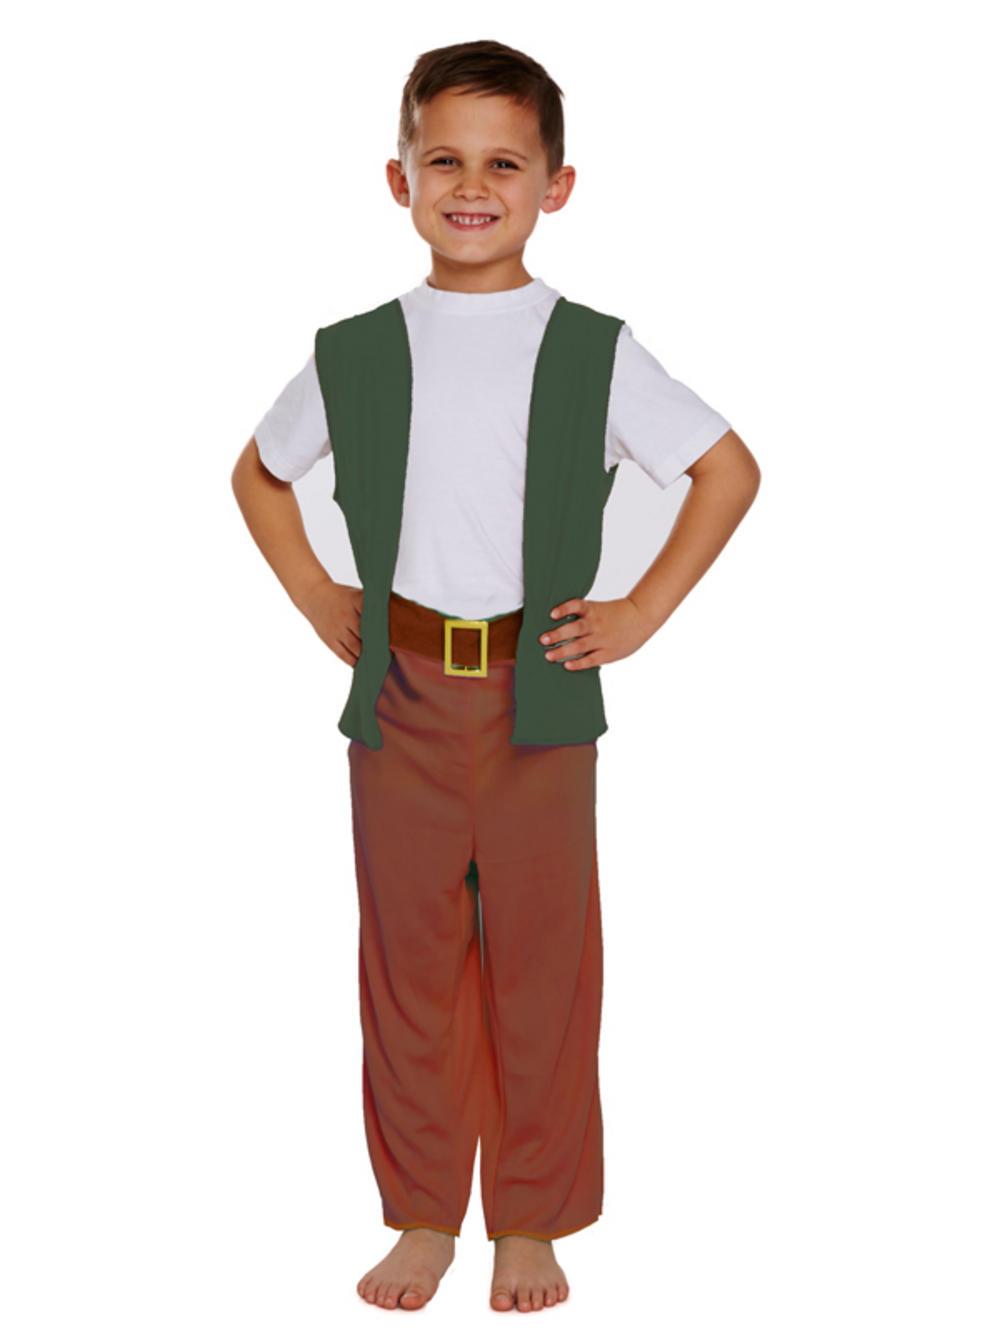 Bfg Kids Costume